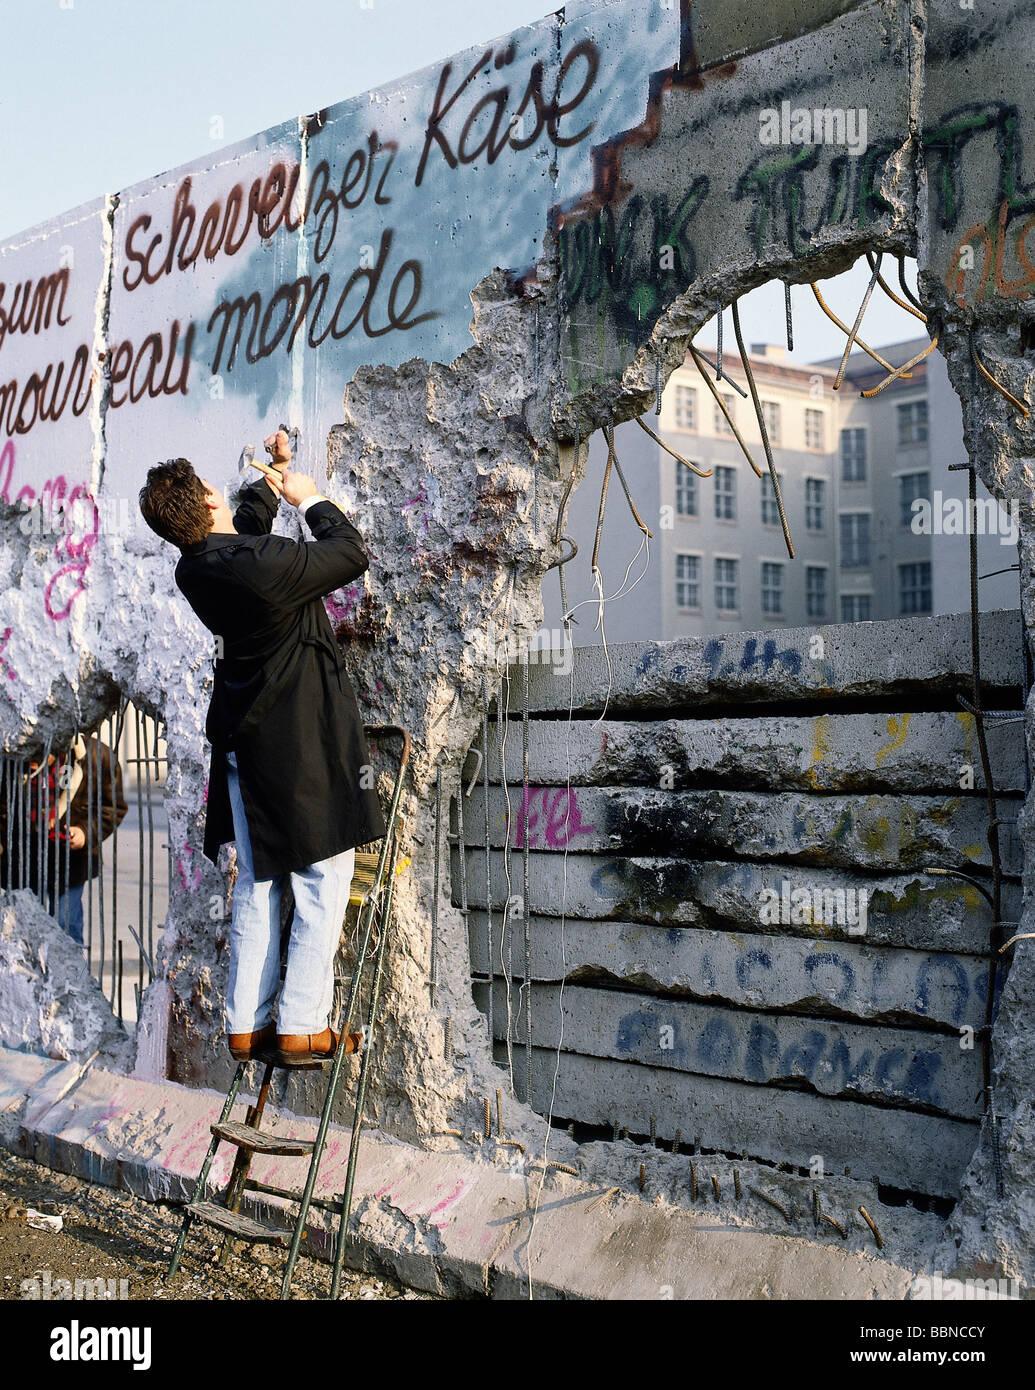 Géographie / voyage, Allemagne, chute du Mur de Berlin, Berlin, Pecker, 9.11.1989, historique, historique, Photo Stock